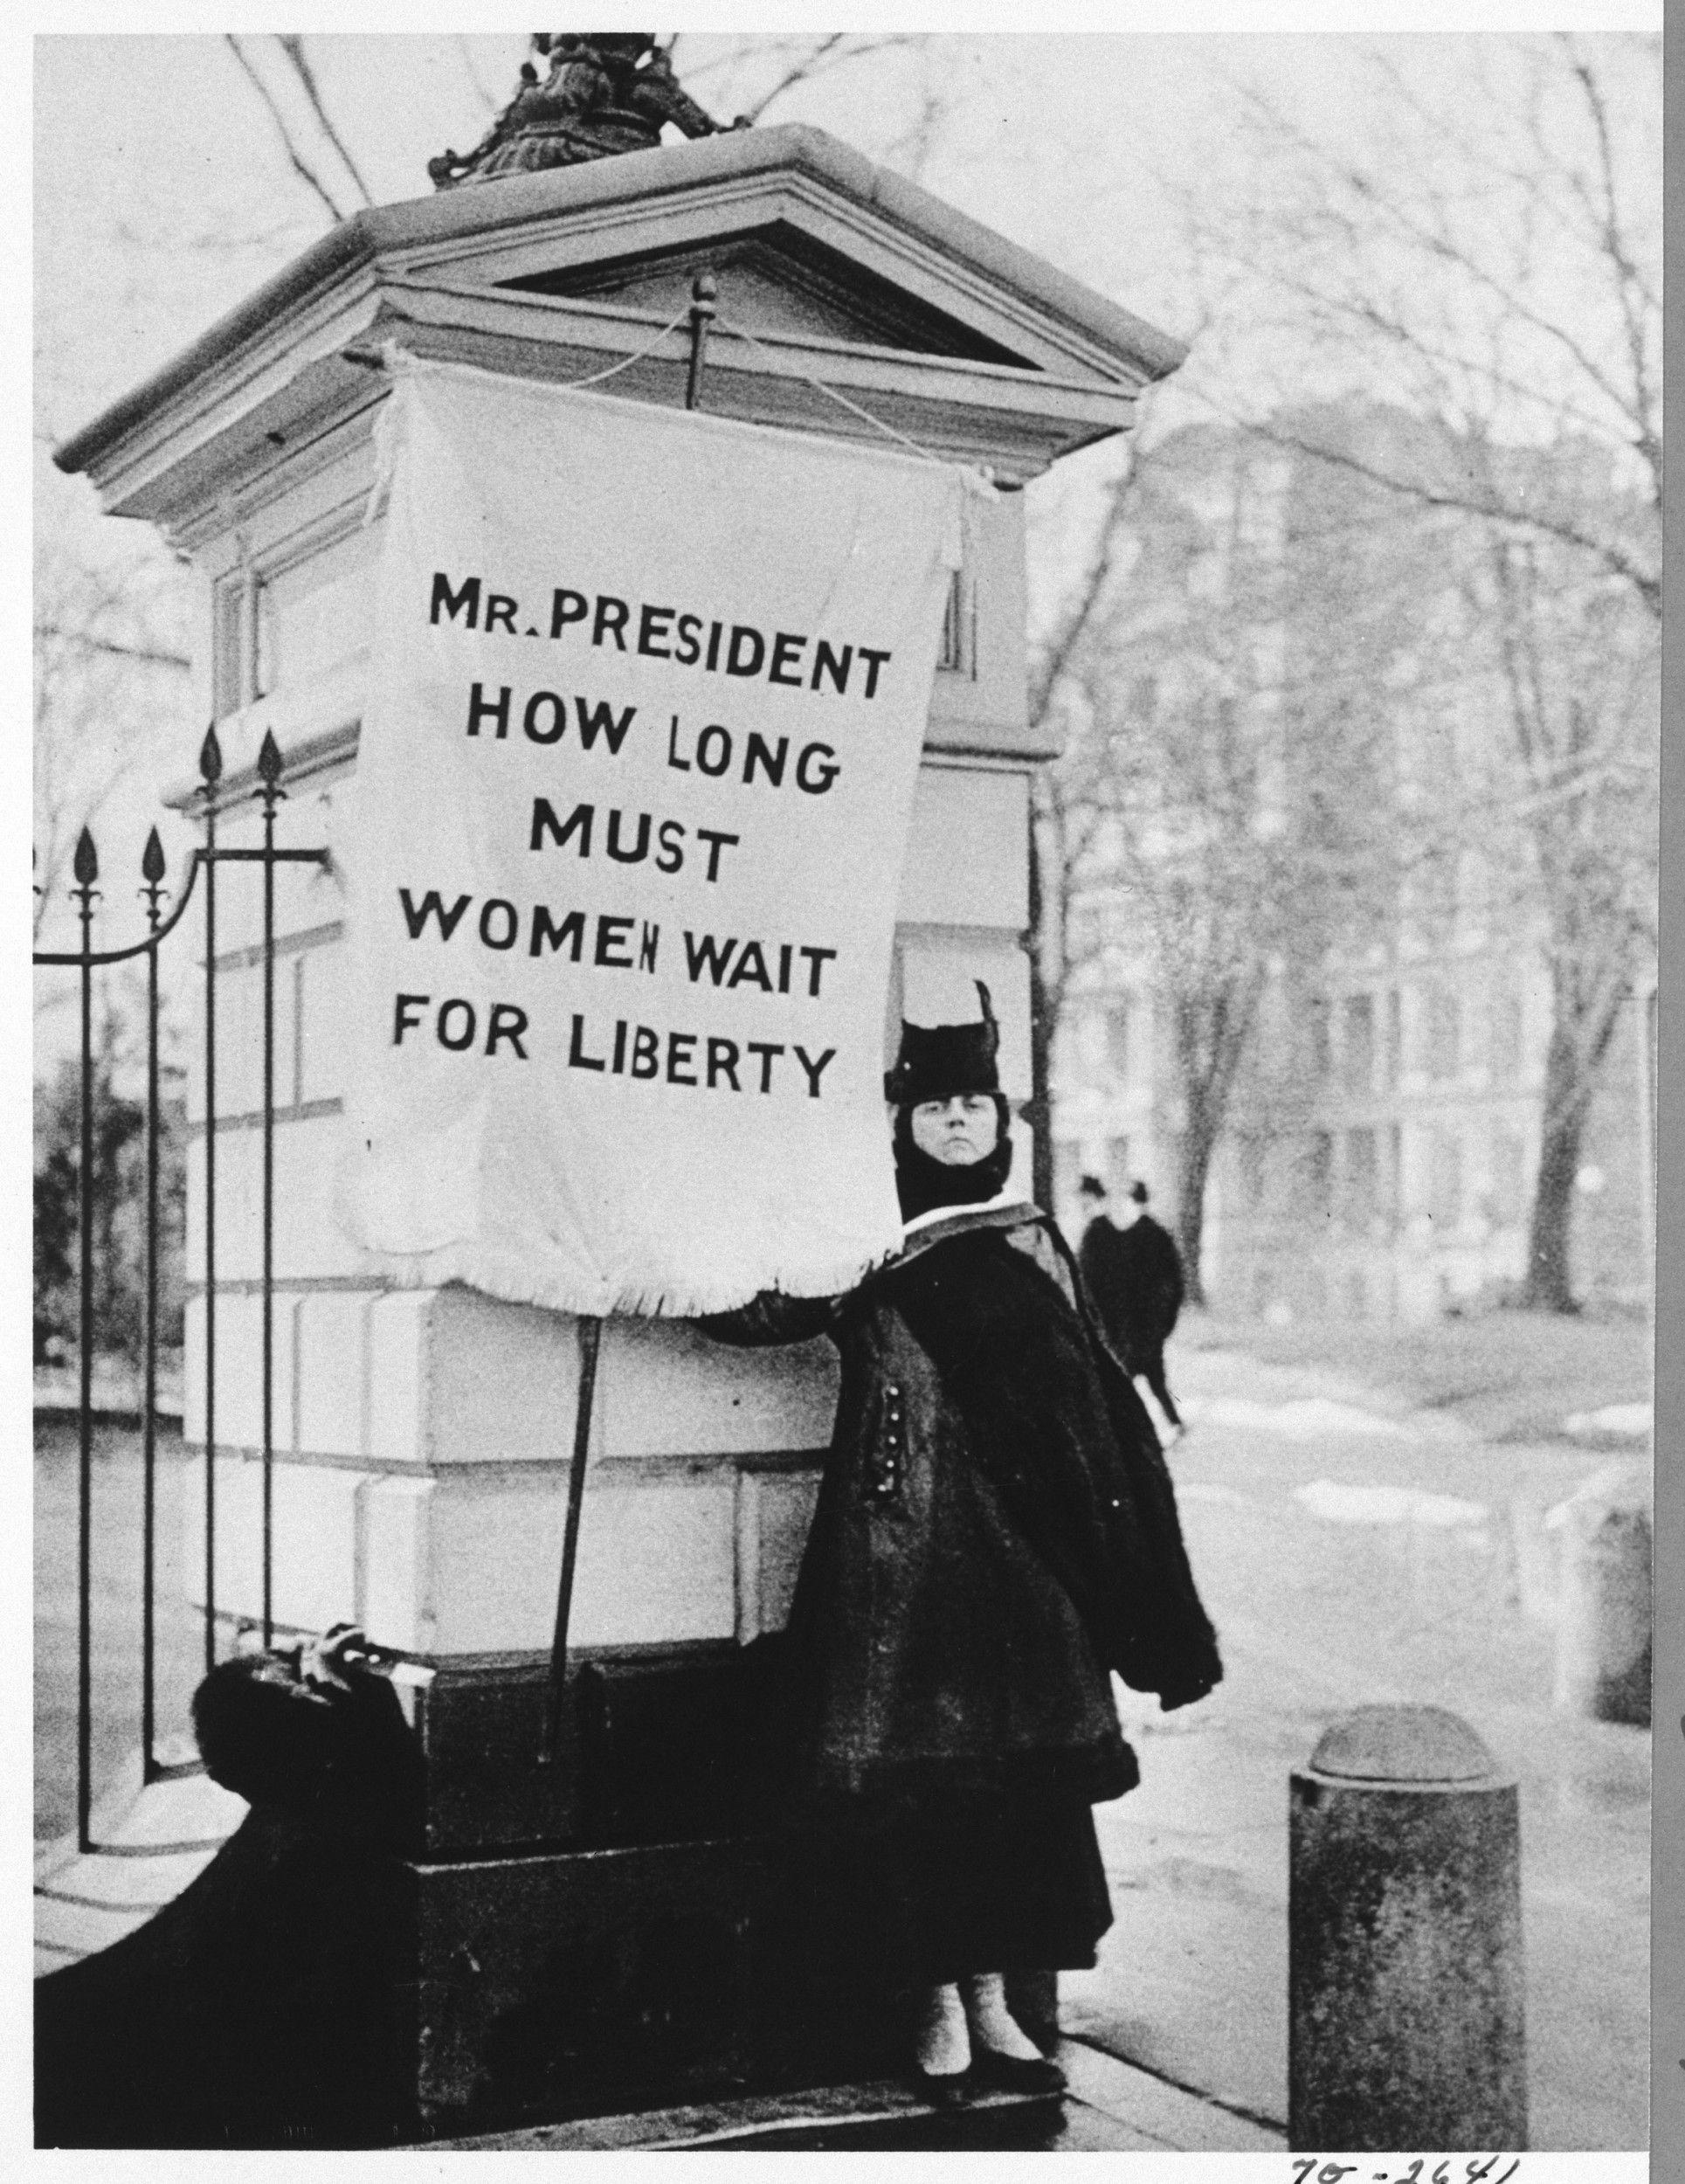 Image: Flag Bearer for Women's Rights Standing Near White House